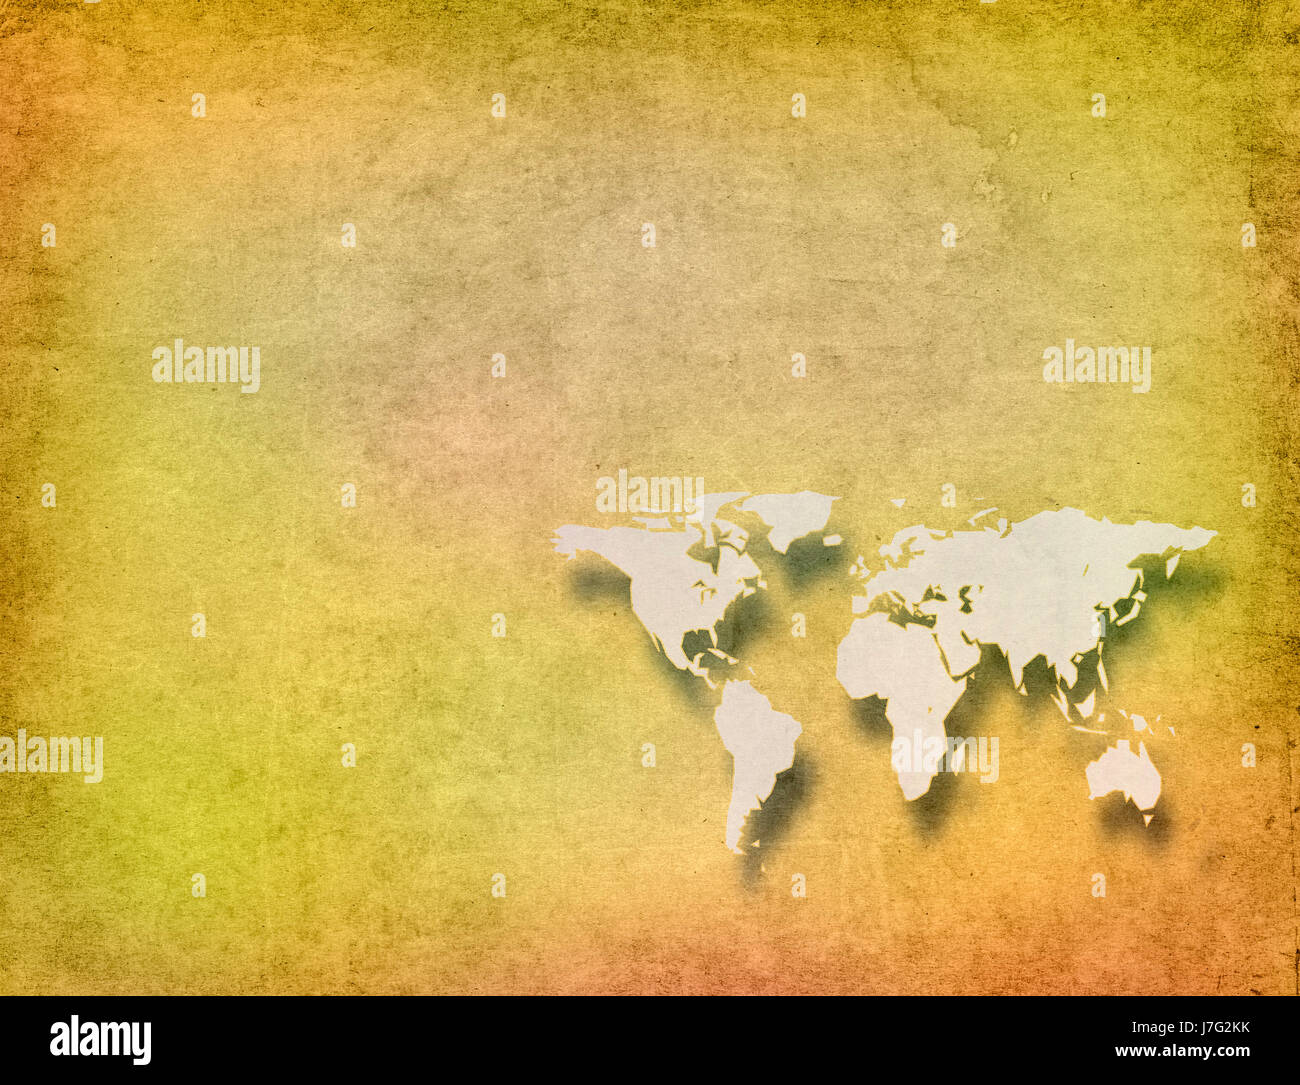 Carte Du Monde Parchemin carte du monde sur de vieux papier parchemin banque d'images, photo